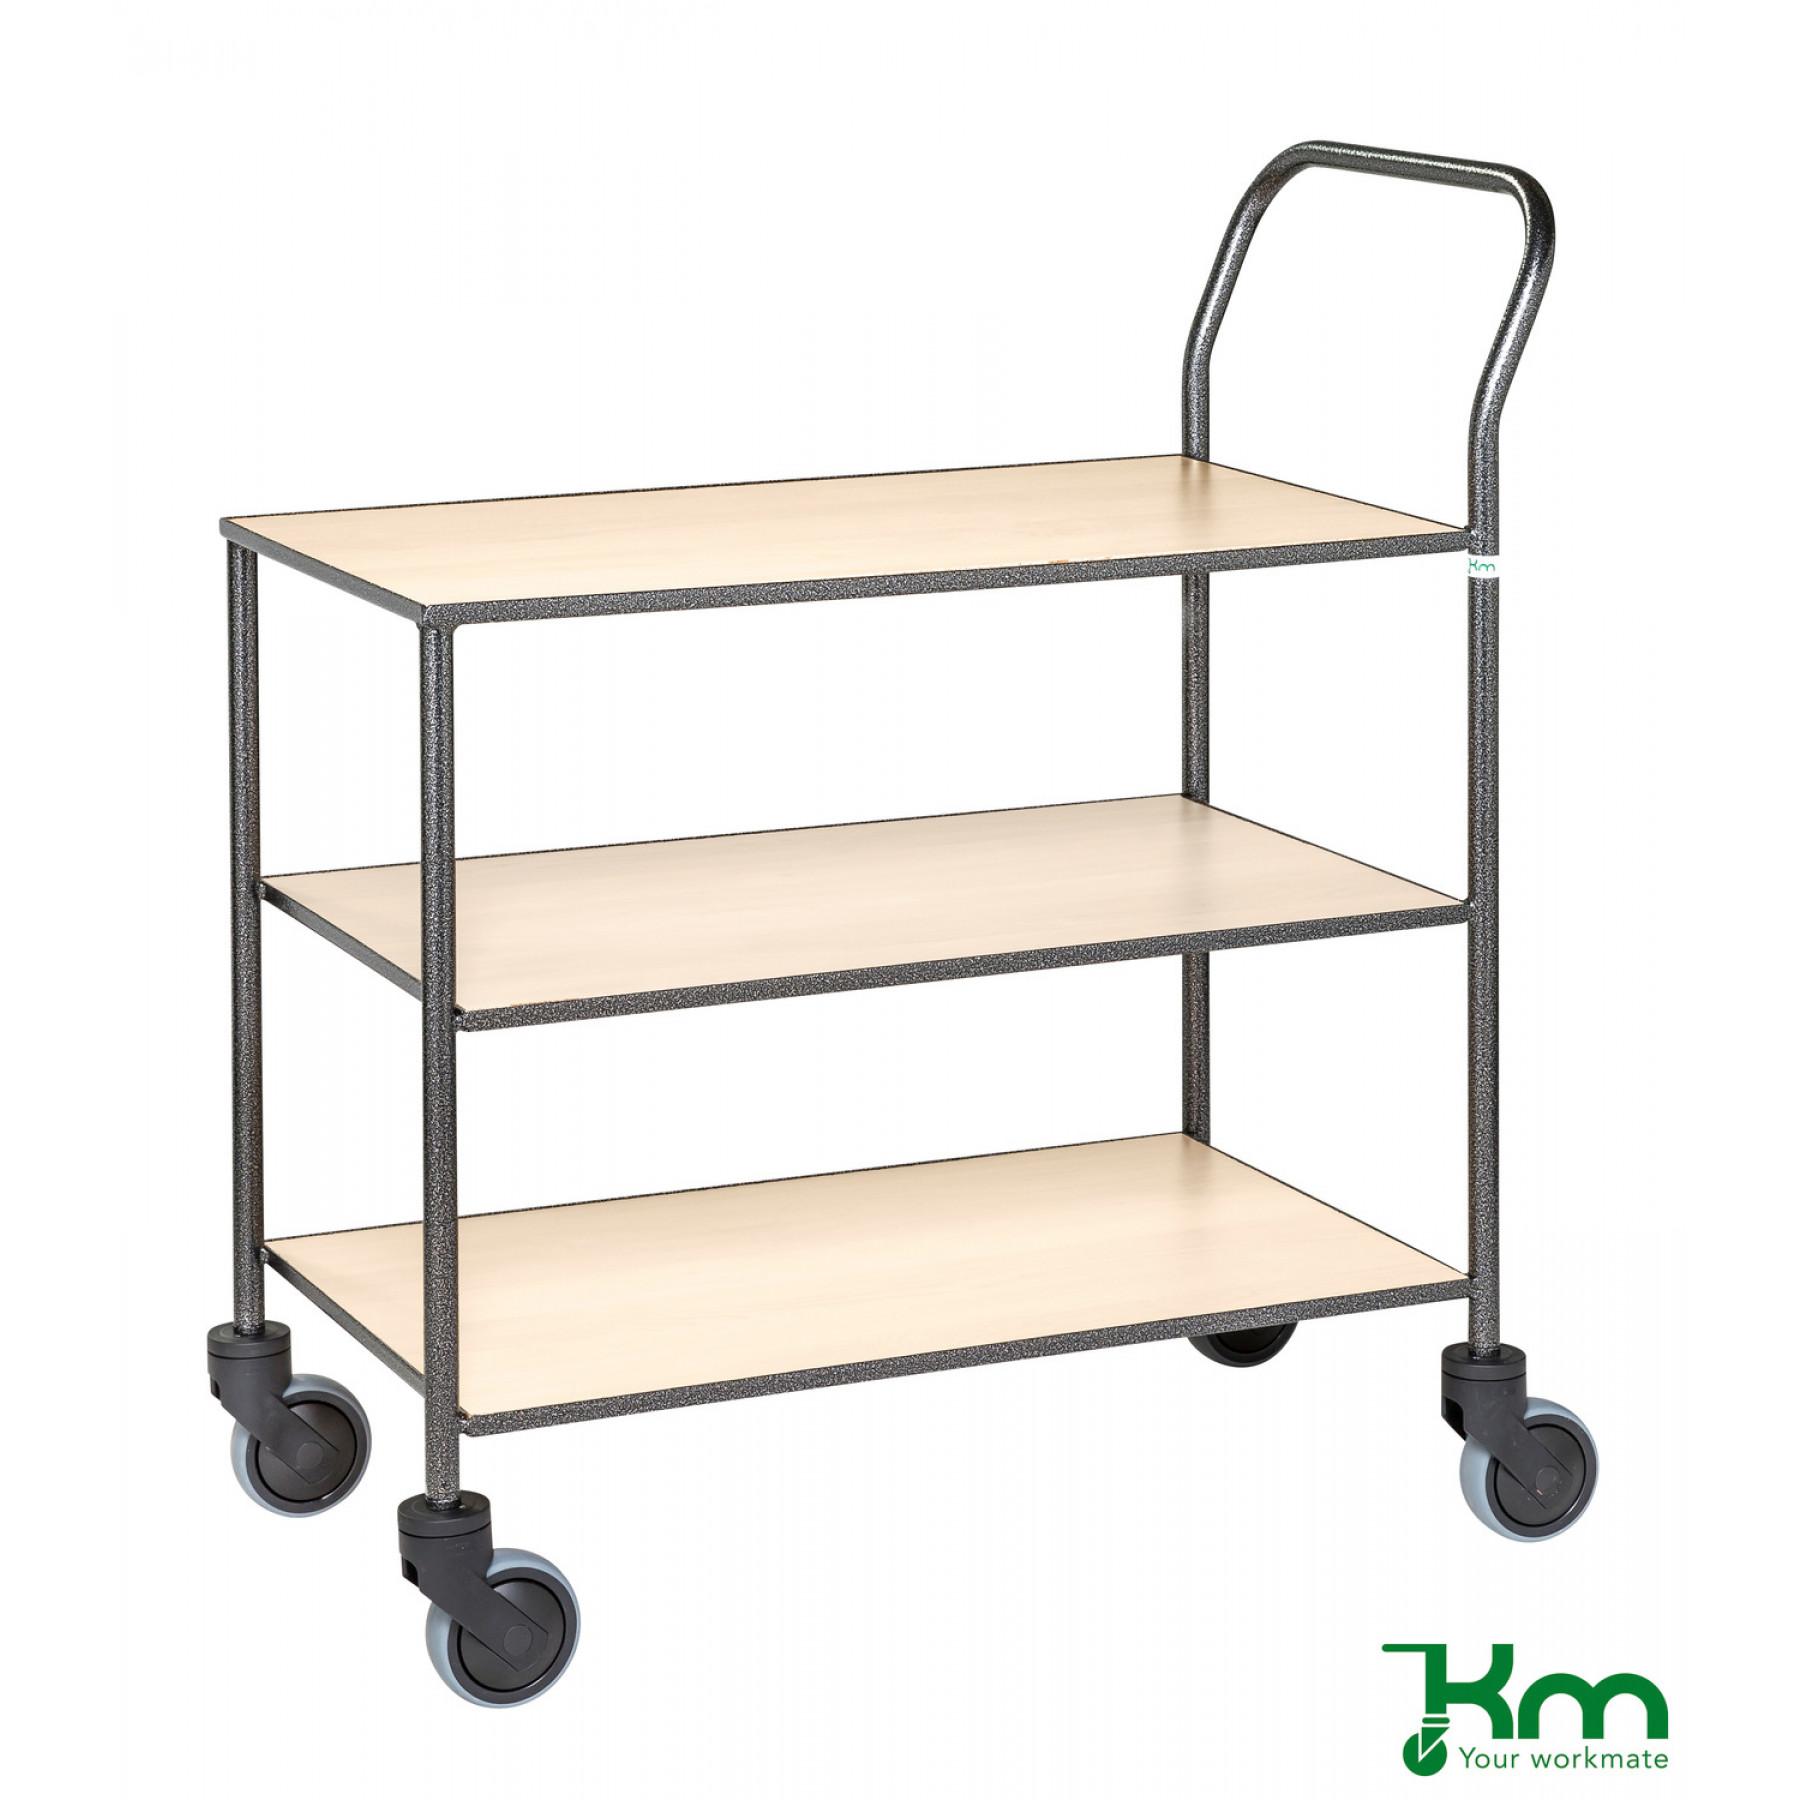 Design tafelwagen met berkenstructuur toplaag, KM 973-BJ